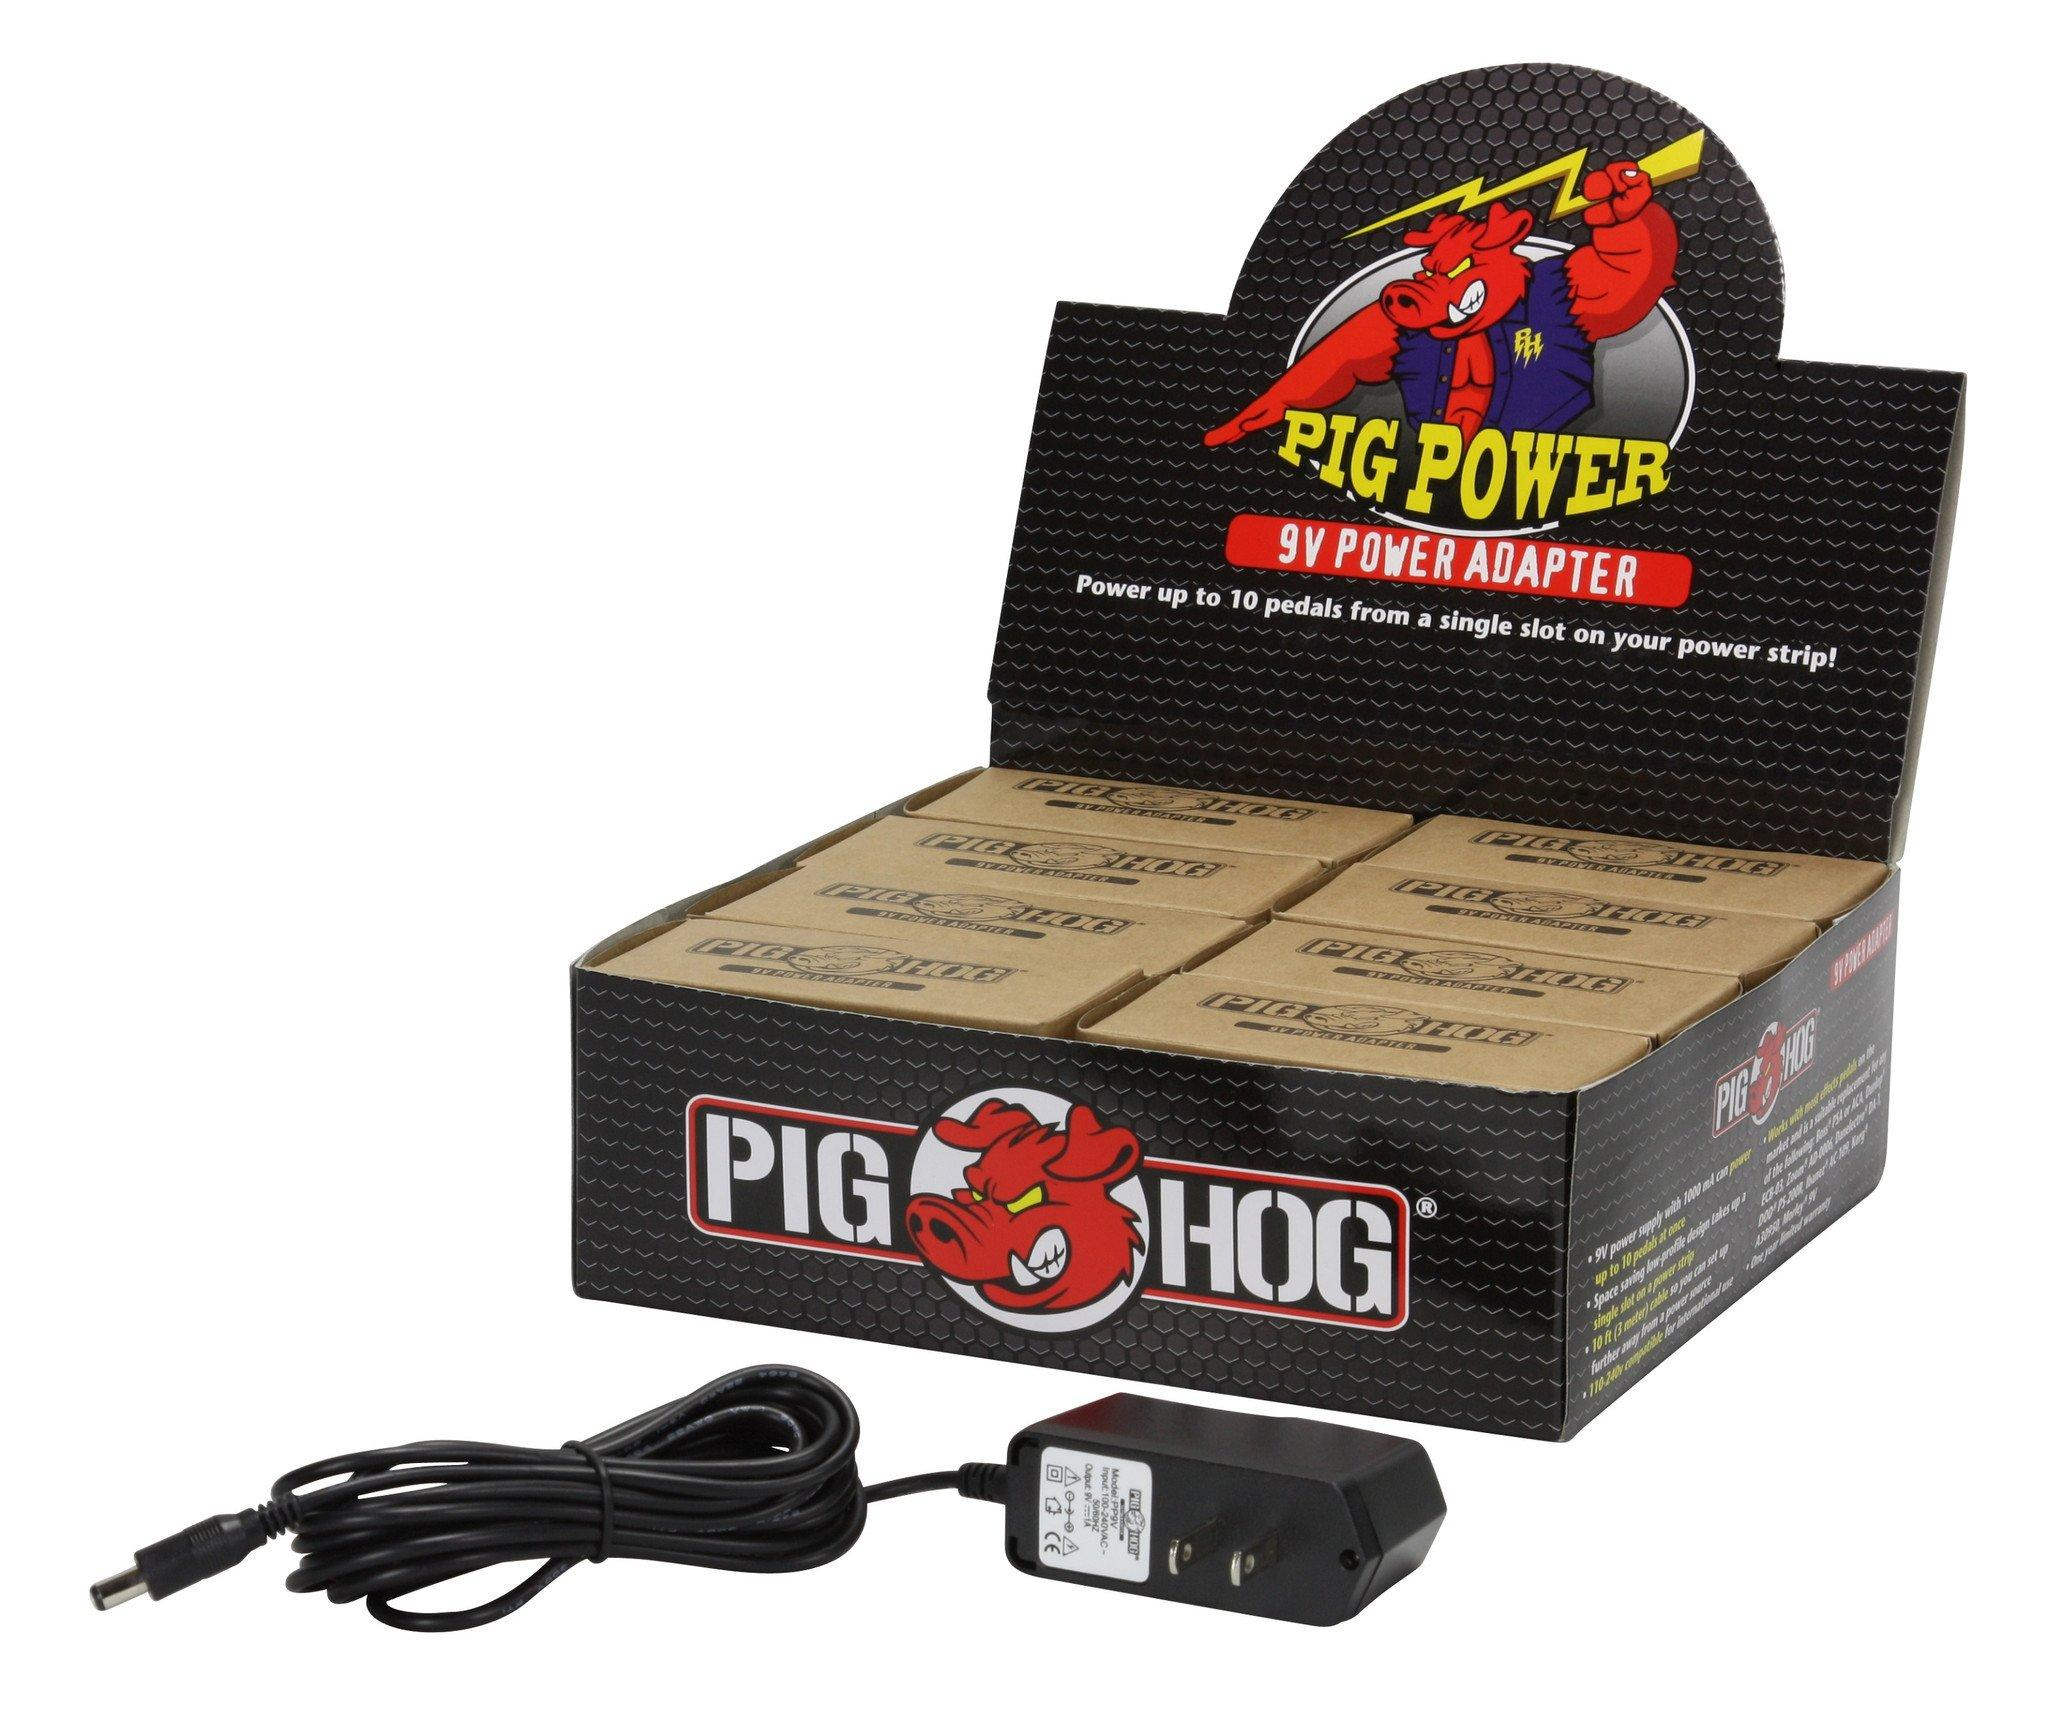 Pig Power 9V AC 1000ma Power Supply (8 pcs. Per Display Box)